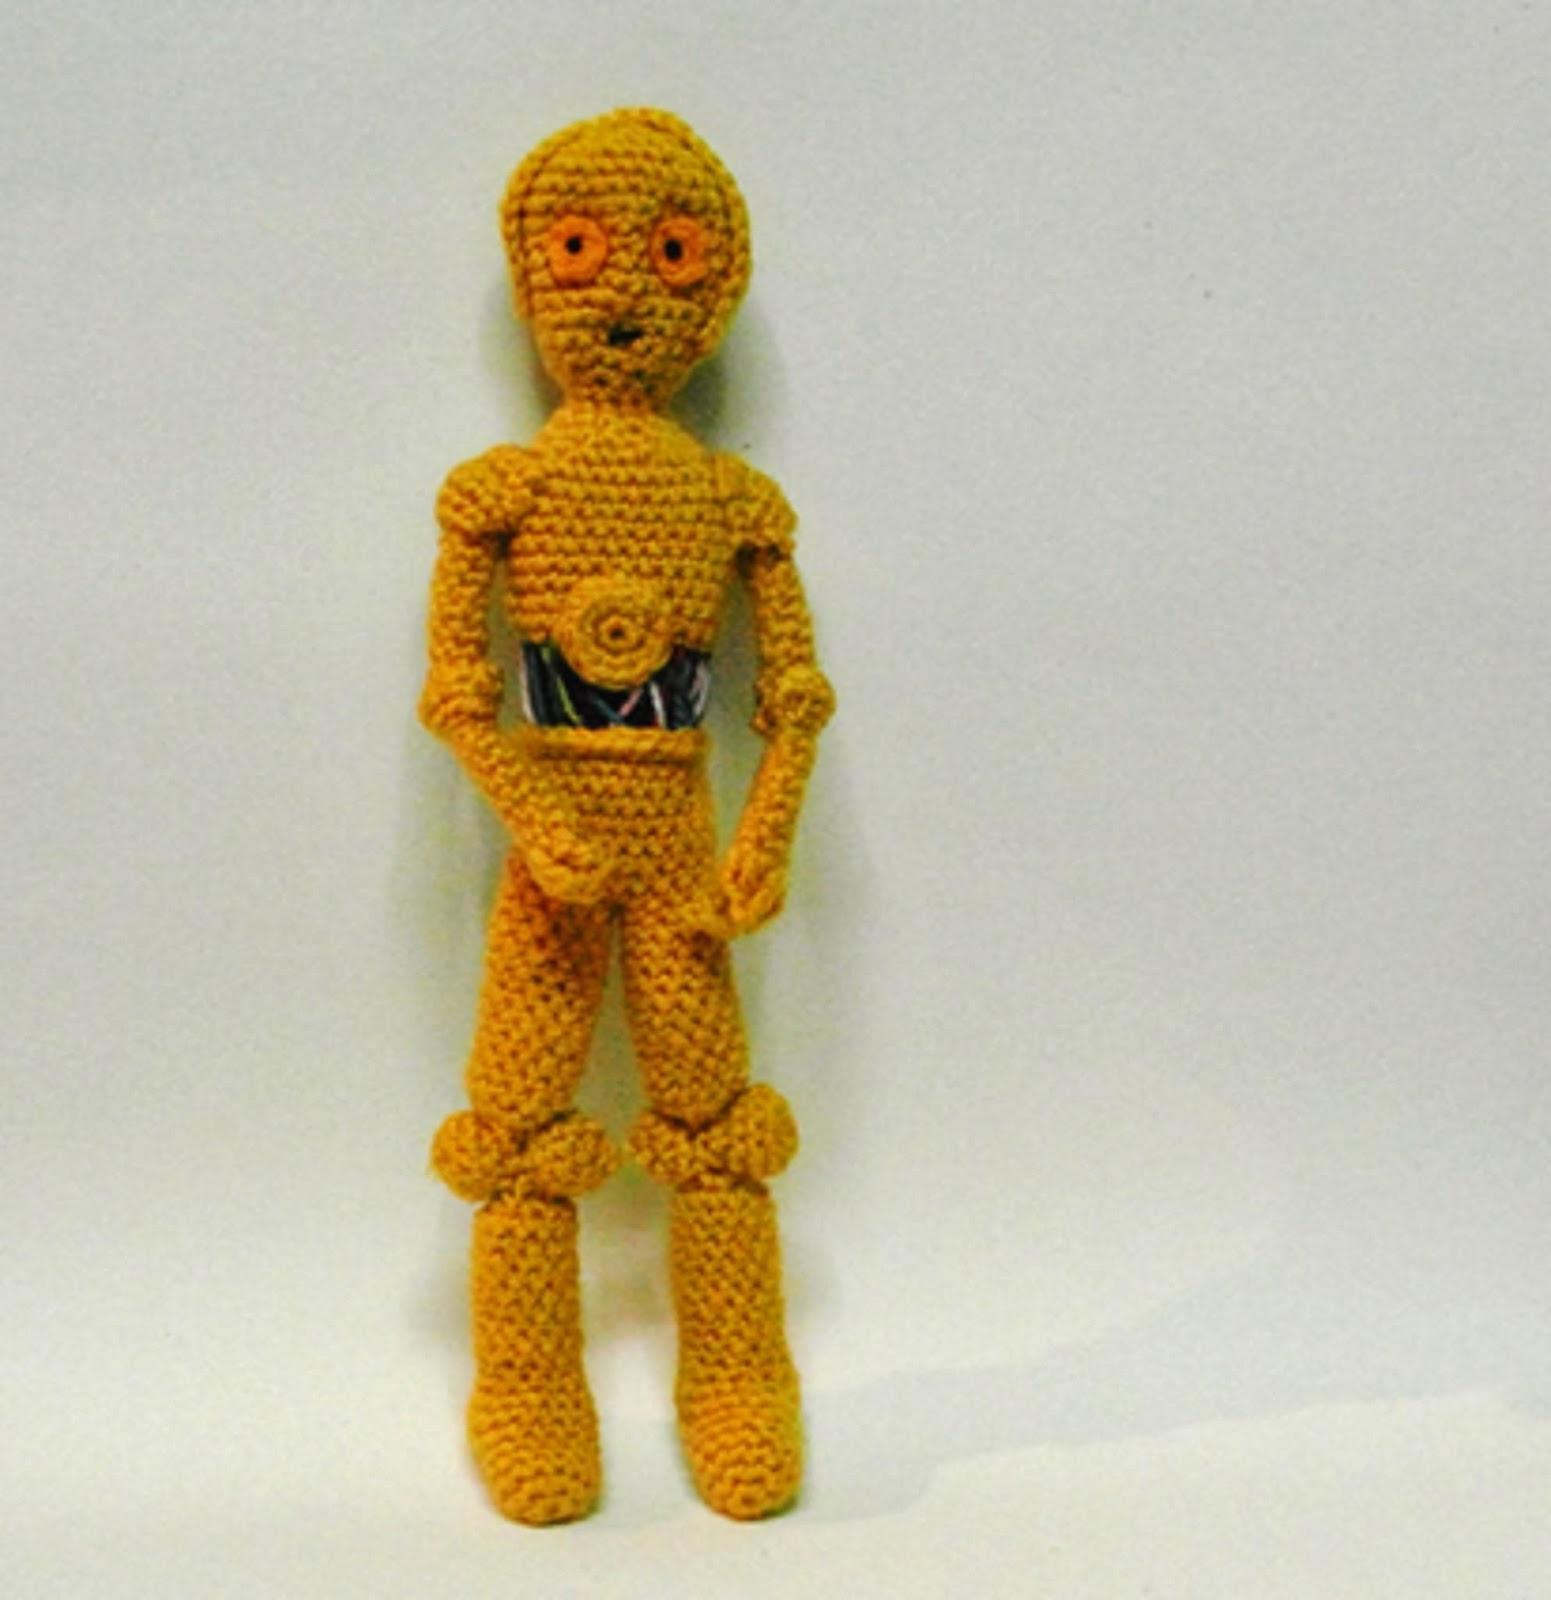 Patrones Amigurumi: C3PO